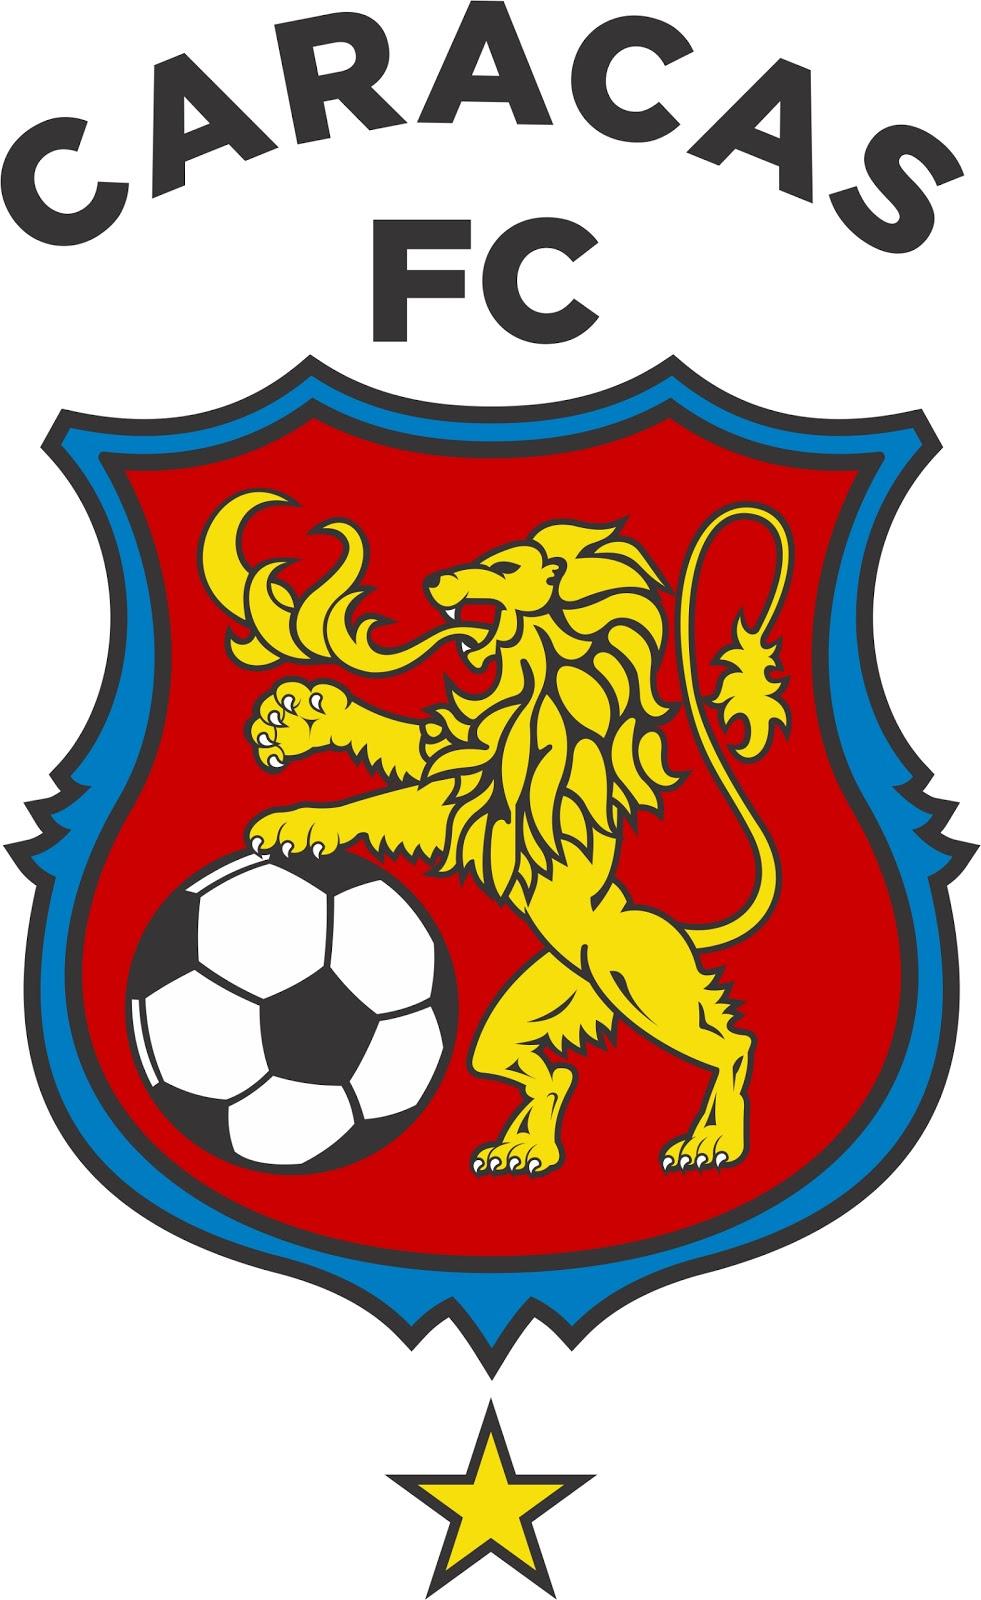 Imagenes Del Caracas Futbol Club - La victoria del Rojo en imágenes Caracas Fútbol Club